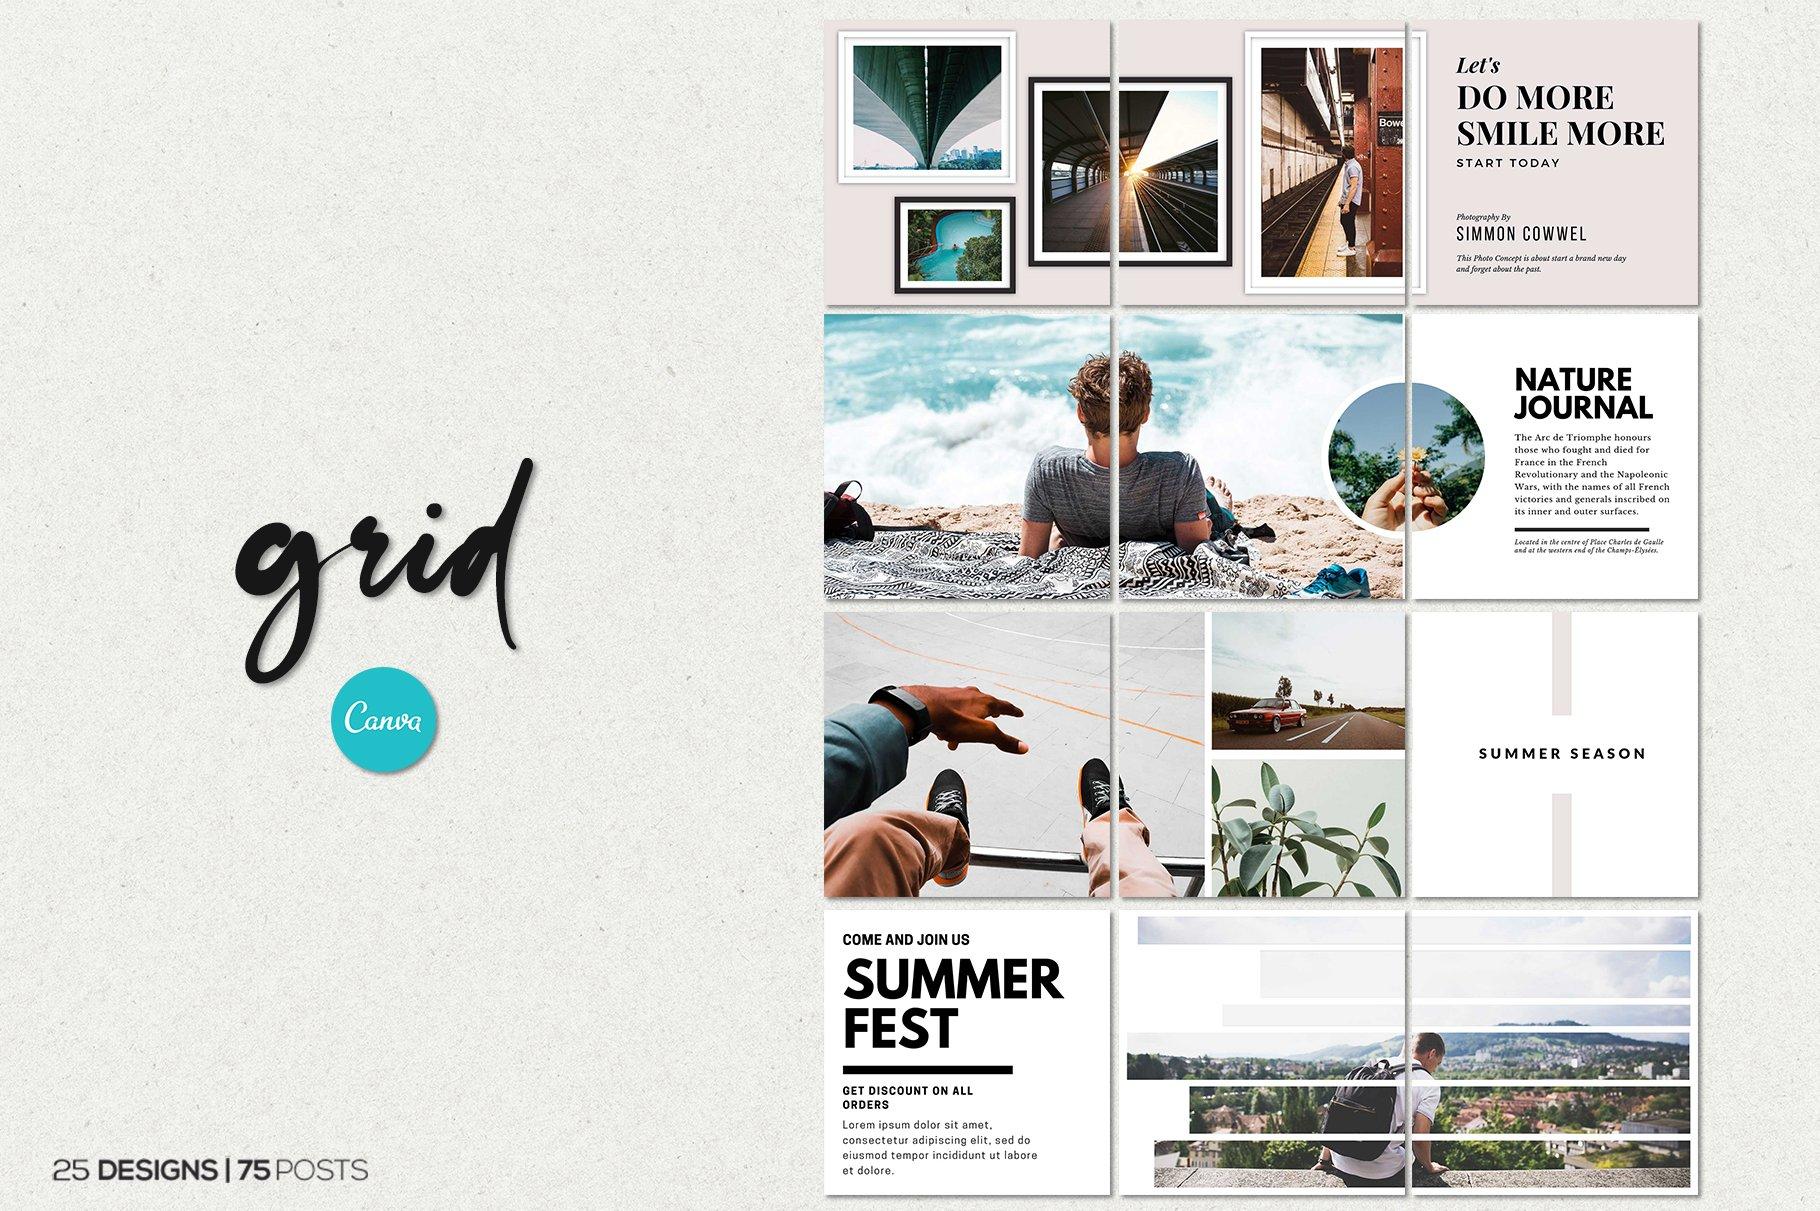 毛笔笔刷效果新媒体电商海报设计PSD模板 Agenda Insta Grid (Triple Posts)插图(9)